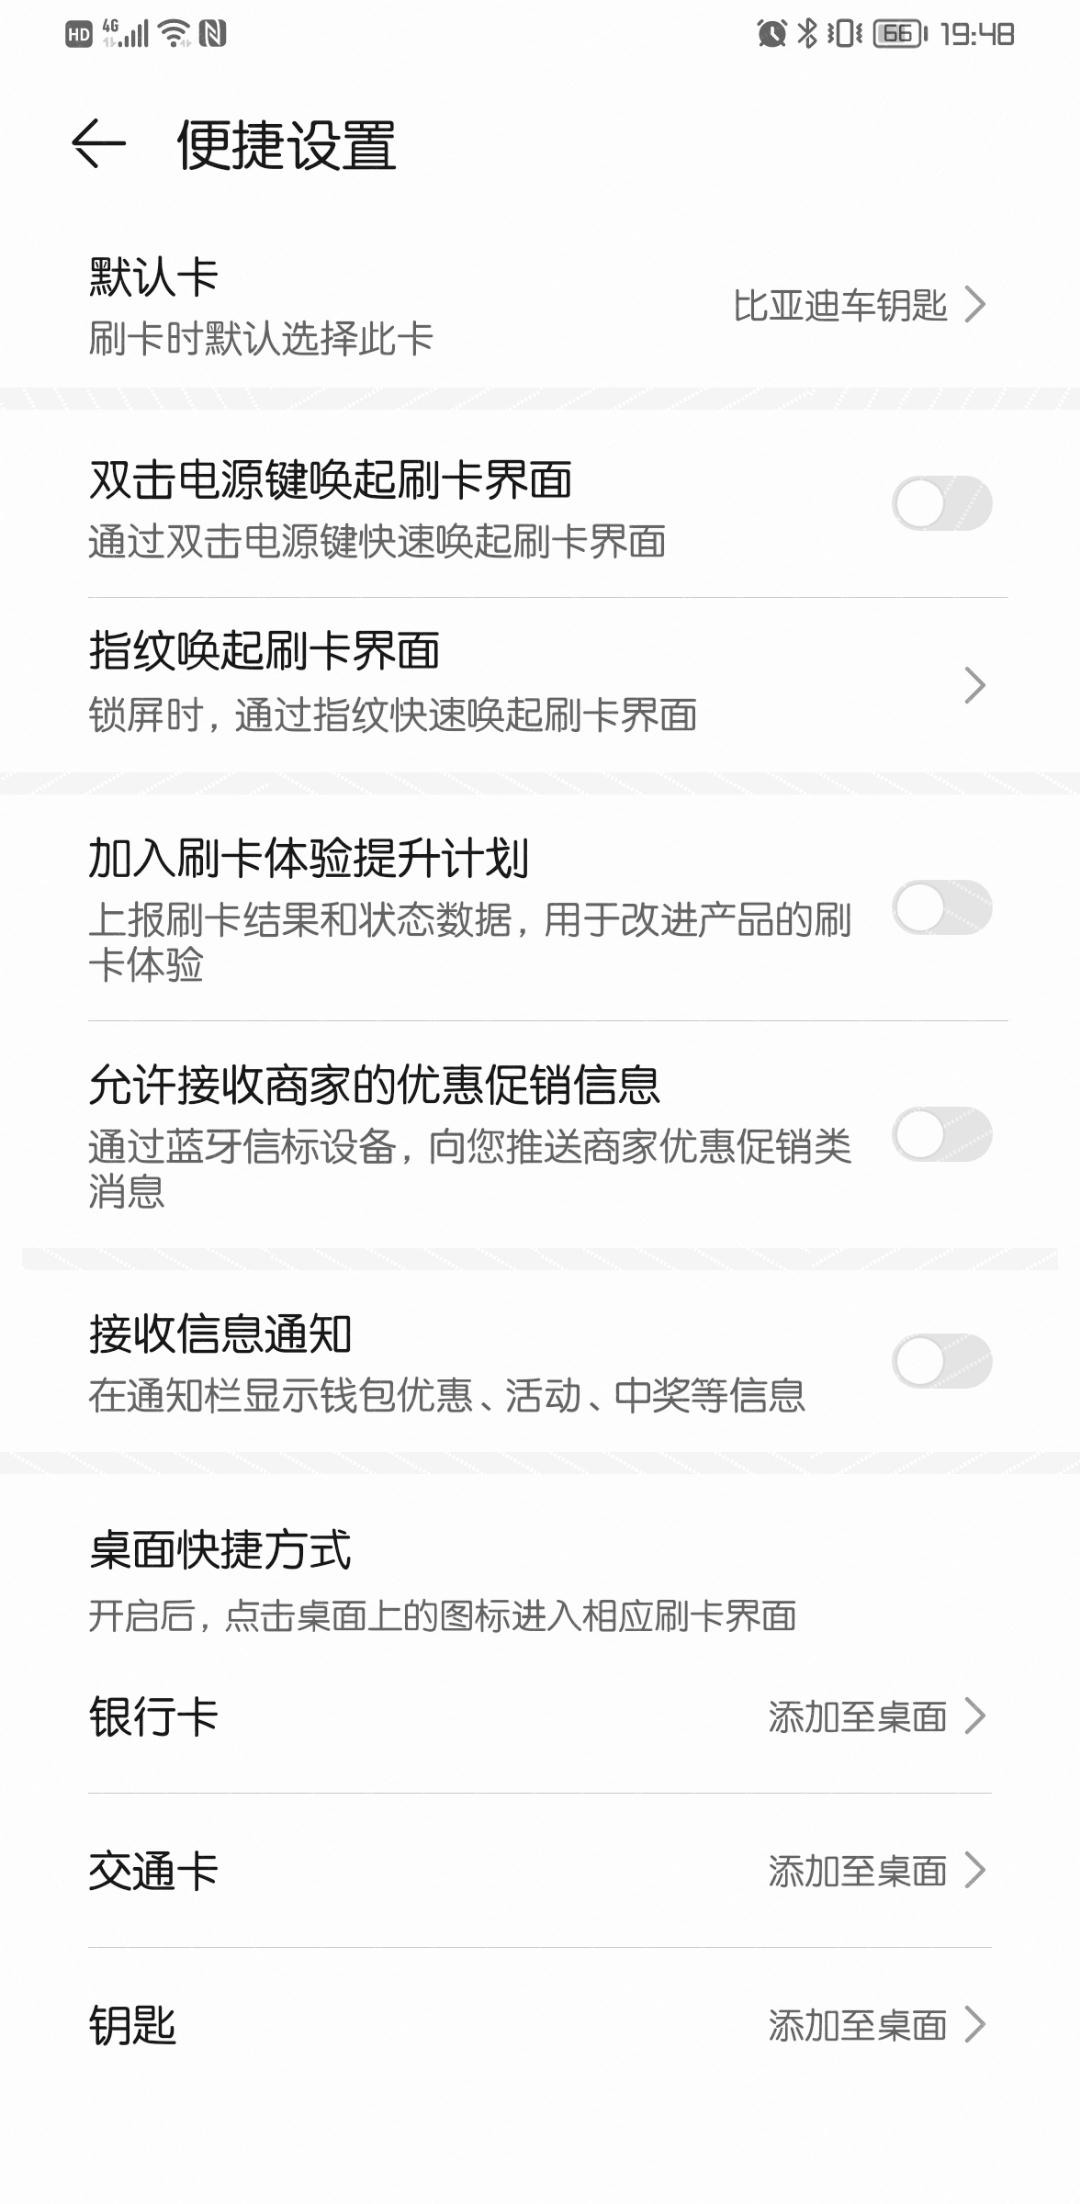 Screenshot_20210511_194853_com.huawei.wallet.jpg